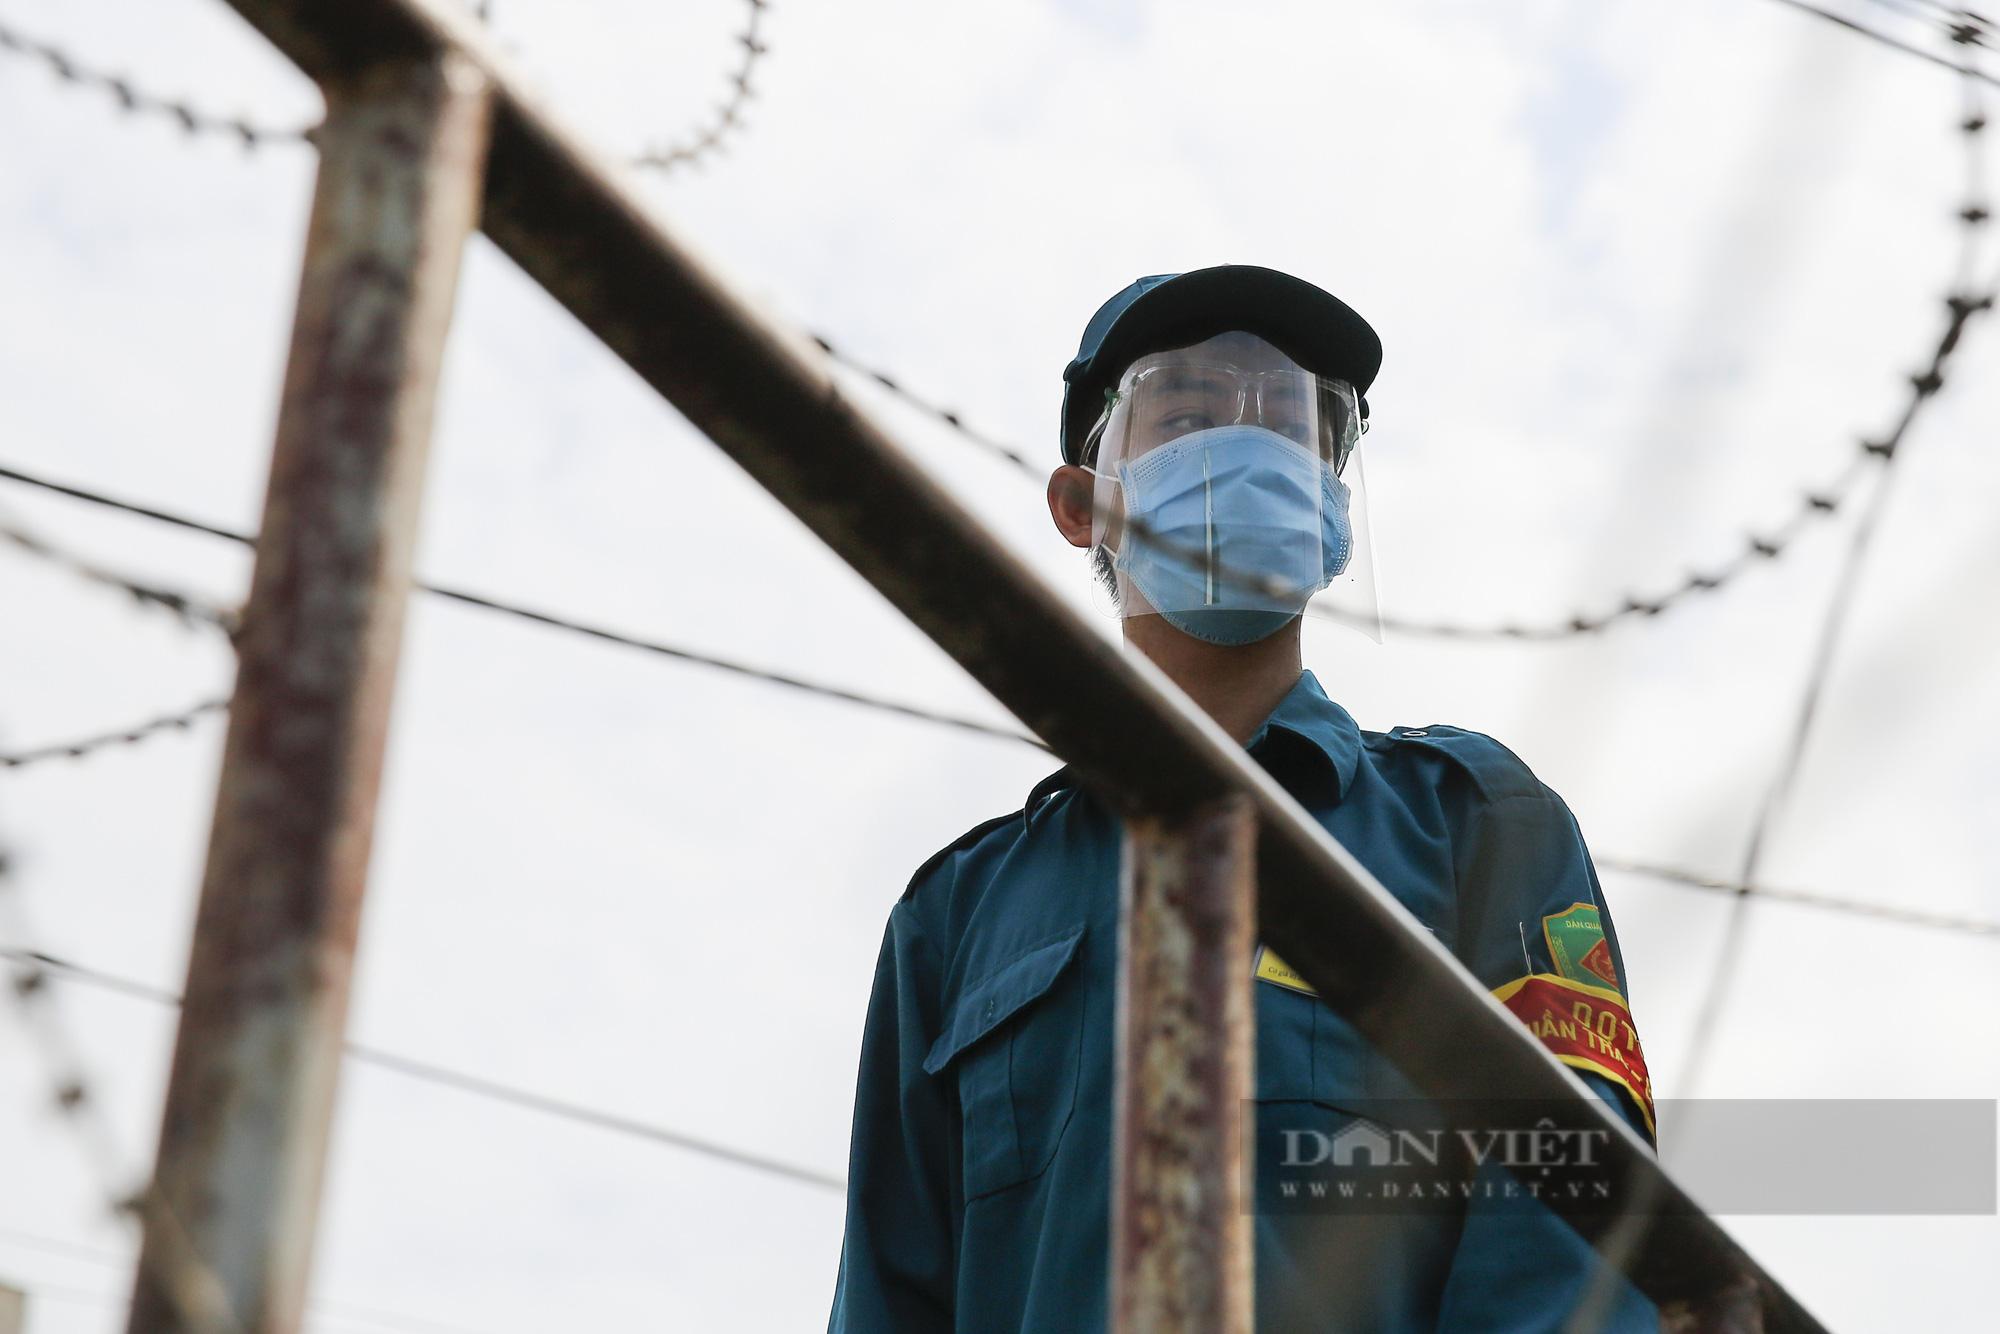 Hà Nội: Lập hàng rào dây thép gai tại khu vực phong tỏa để ngăn người vi phạm Chỉ thị cách ly - Ảnh 7.